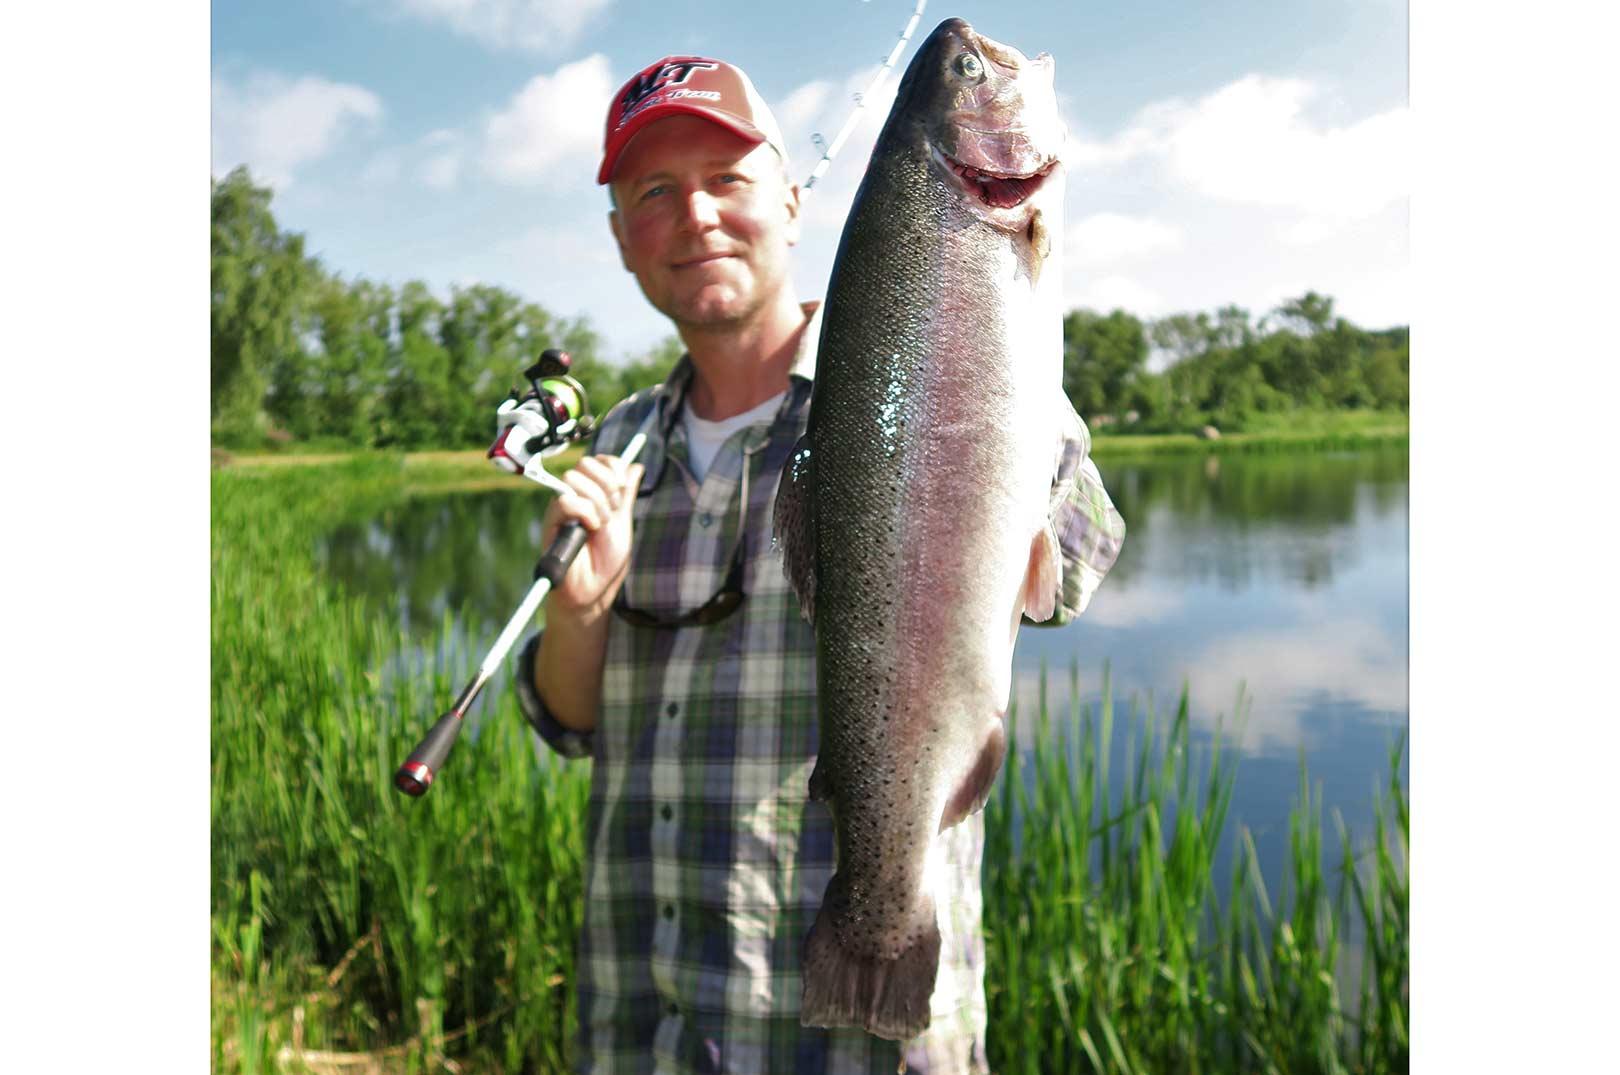 En fin sommerørred der huggede på en varm dag. Fisken huggede helt inde ved land, i en sø der er gravet. Disse søer har ofte en stejl skrænt tæt under land. Fiskene patruljere ofte langs denne.